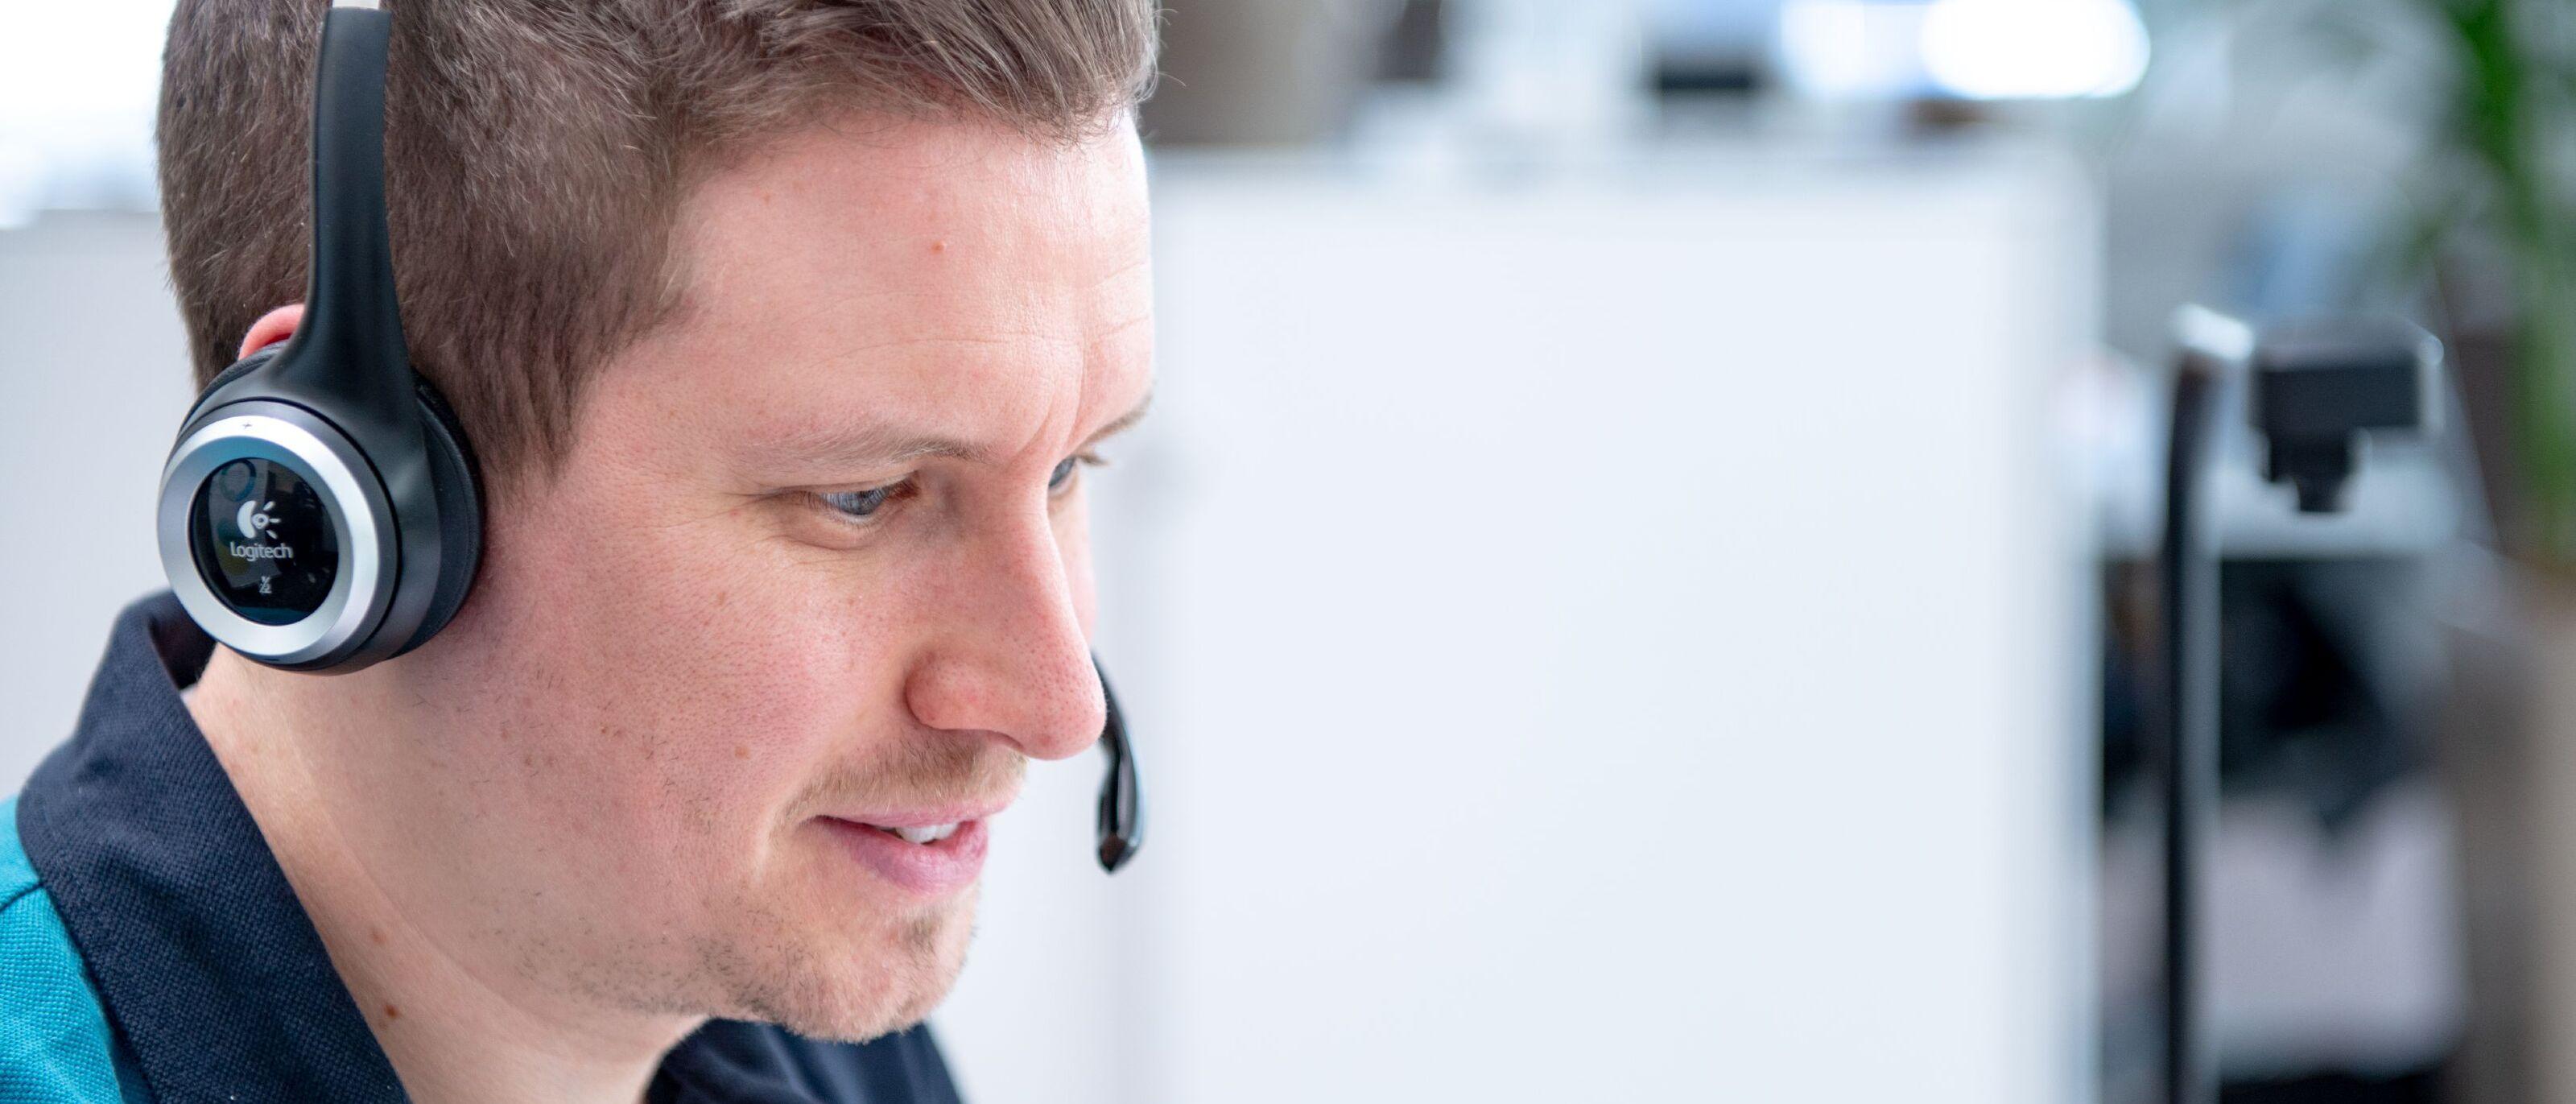 Remote control helpline